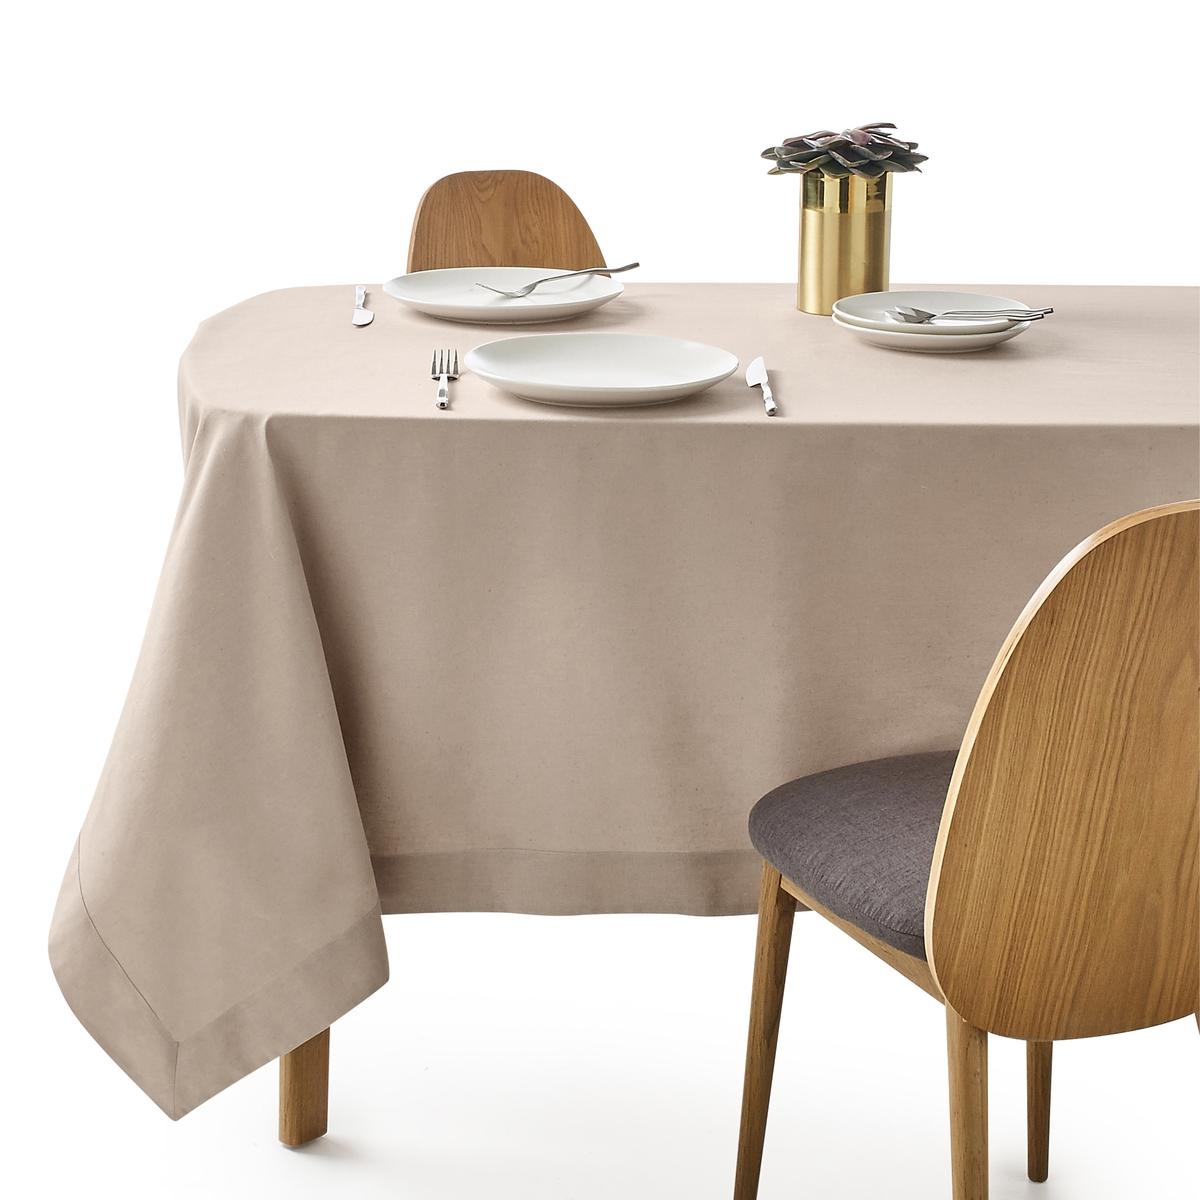 Скатерть из полушерстяной ткани, BORDERЭлегантная и изысканная скатерть из полушерстяной ткани для одновременно шикарного и аутентичного стола. Великолепная полушерстяная ткань, 45% льна, 55% хлопка, отделка углов конвертом. Машинная стирка при 40 °С.Натуральная полушерстяная ткань из волокон льна и хлопка, мягкая и устойчивая к стиркам.Широкие подшитые края шириной 7 см на лицевой стороне.<br><br>Цвет: антрацит,бежевый,белый,гранатовый,розовая пудра,светло-серый,Серо-синий,шафран<br>Размер: 150 x 150  см